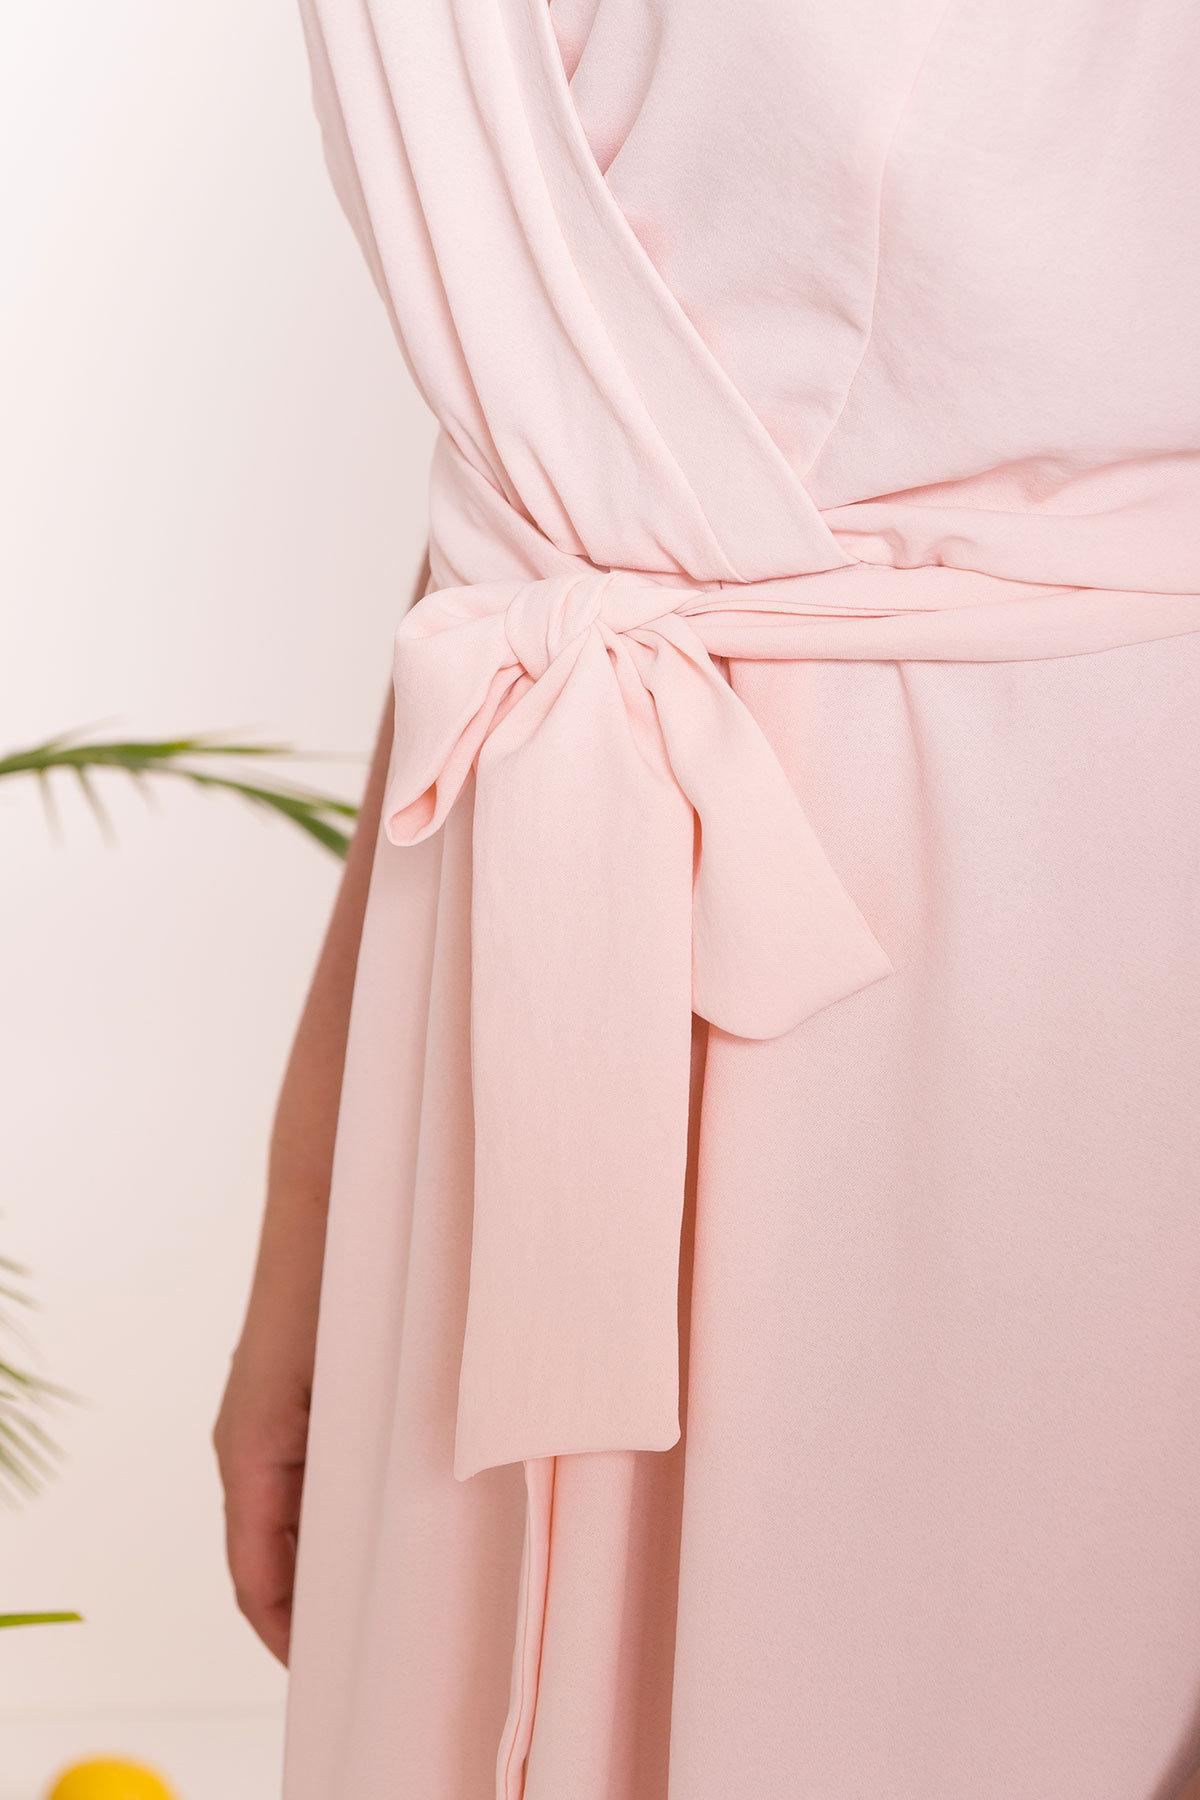 Платье Аделиса DONNA 7355 АРТ. 43074 Цвет: Пудра - фото 4, интернет магазин tm-modus.ru